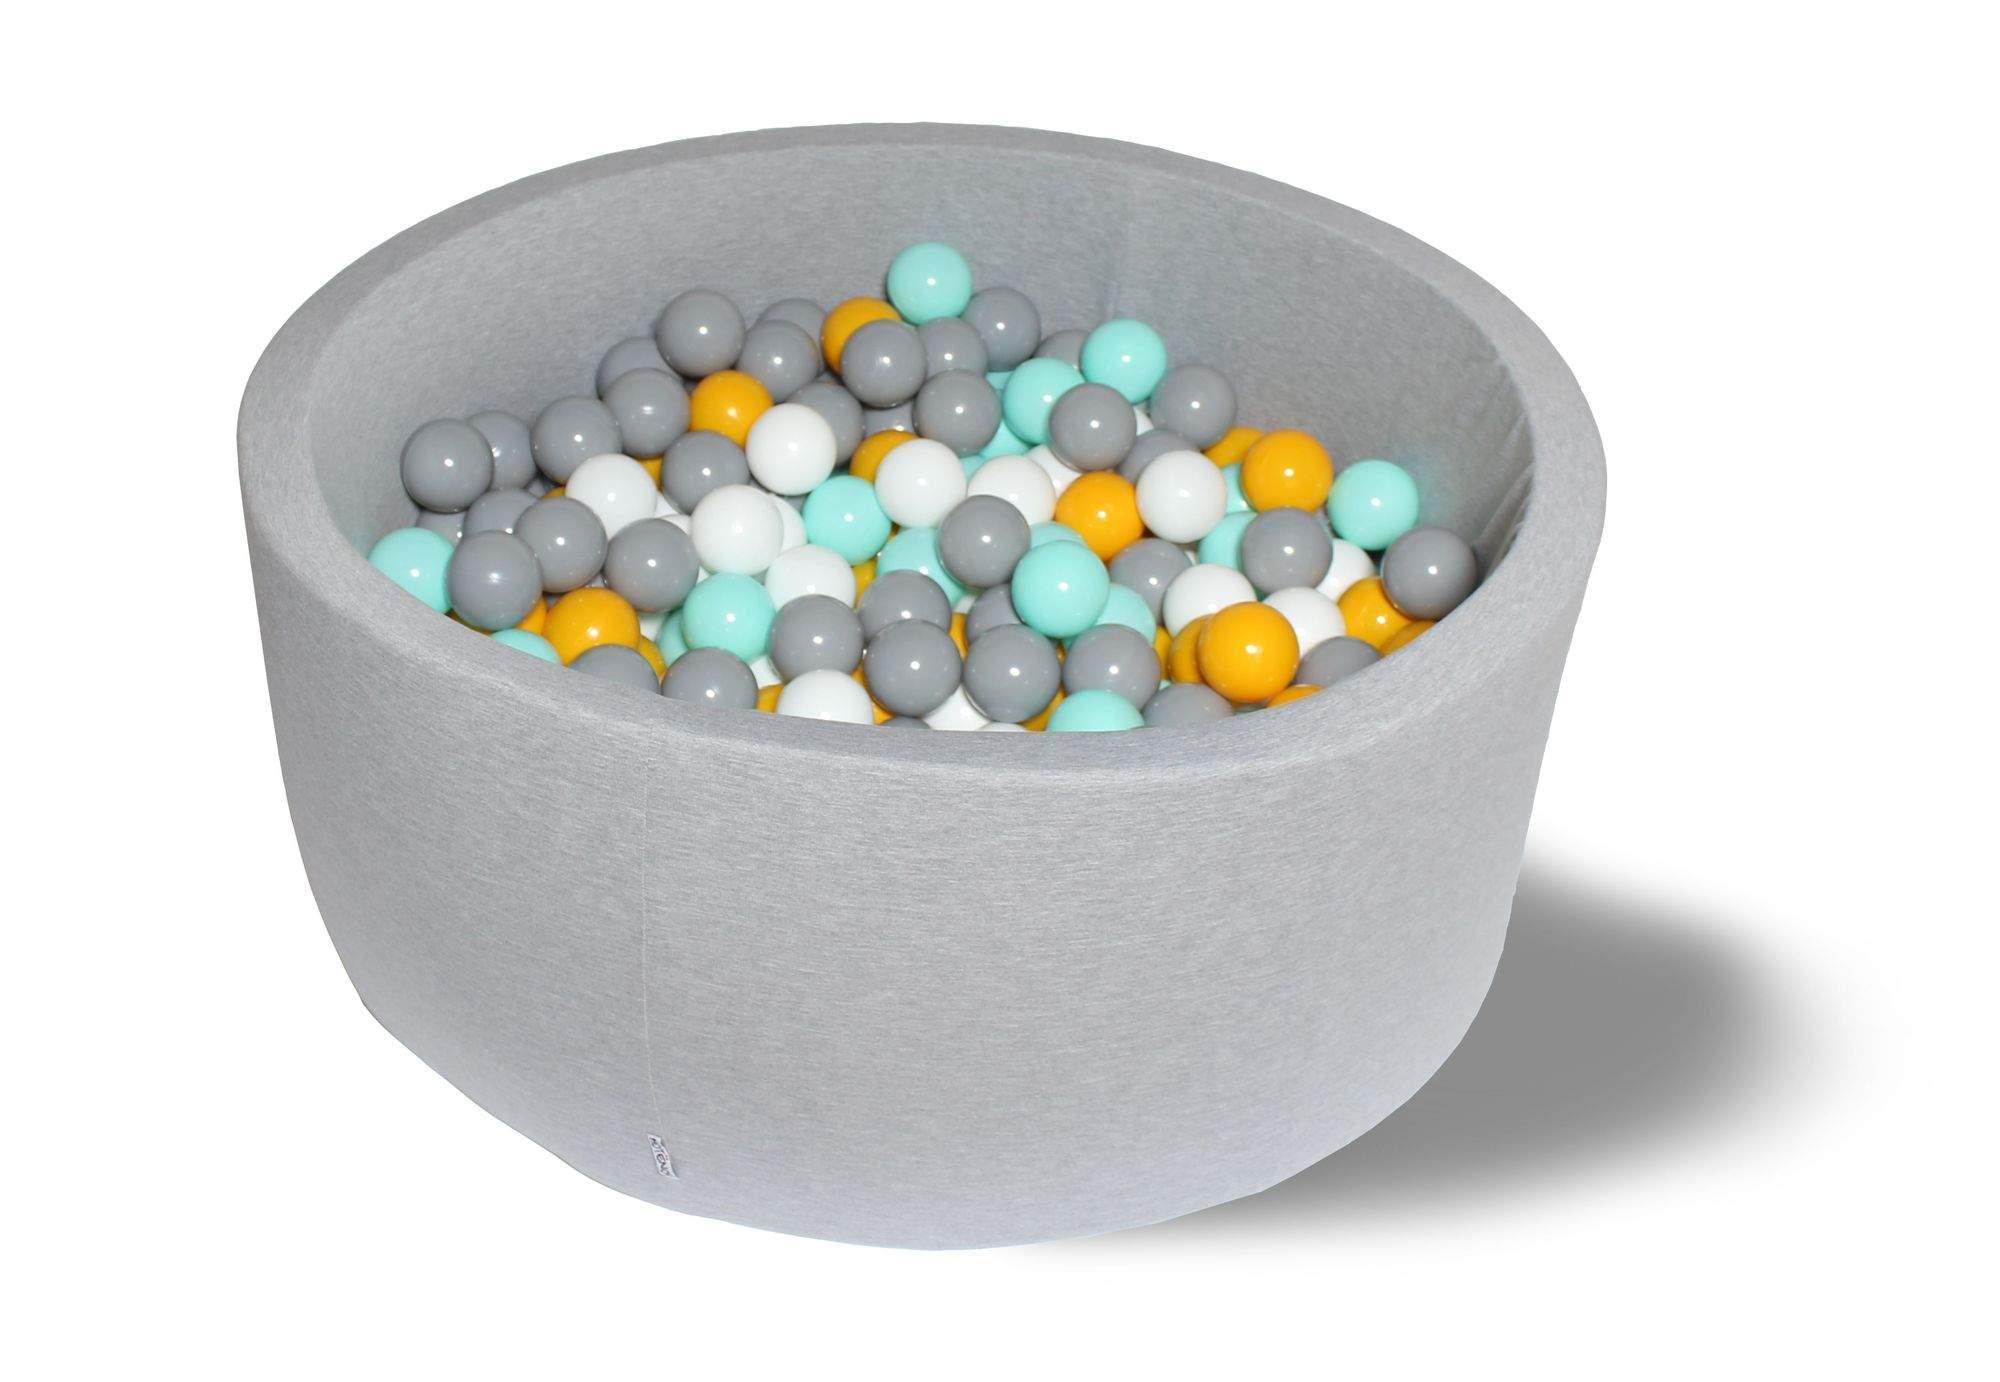 Сухой игровой бассейн Цветомузыка 40см с 200 шарами: белый, серый, мятный, желтый